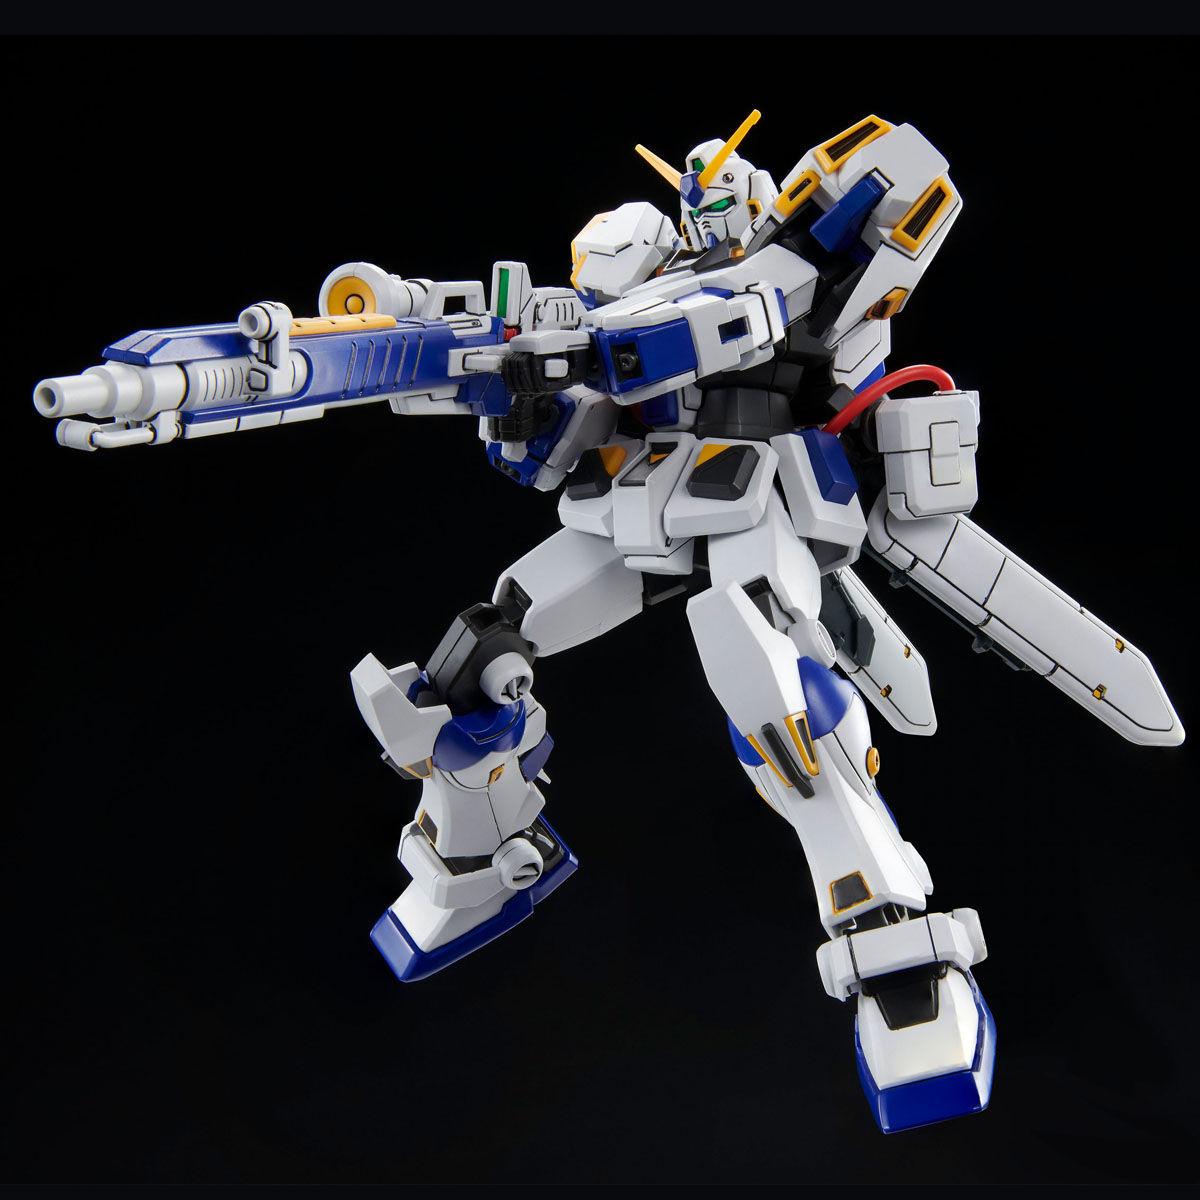 HG 1/144 GUNDAM G04 [Apr 2021 Delivery]